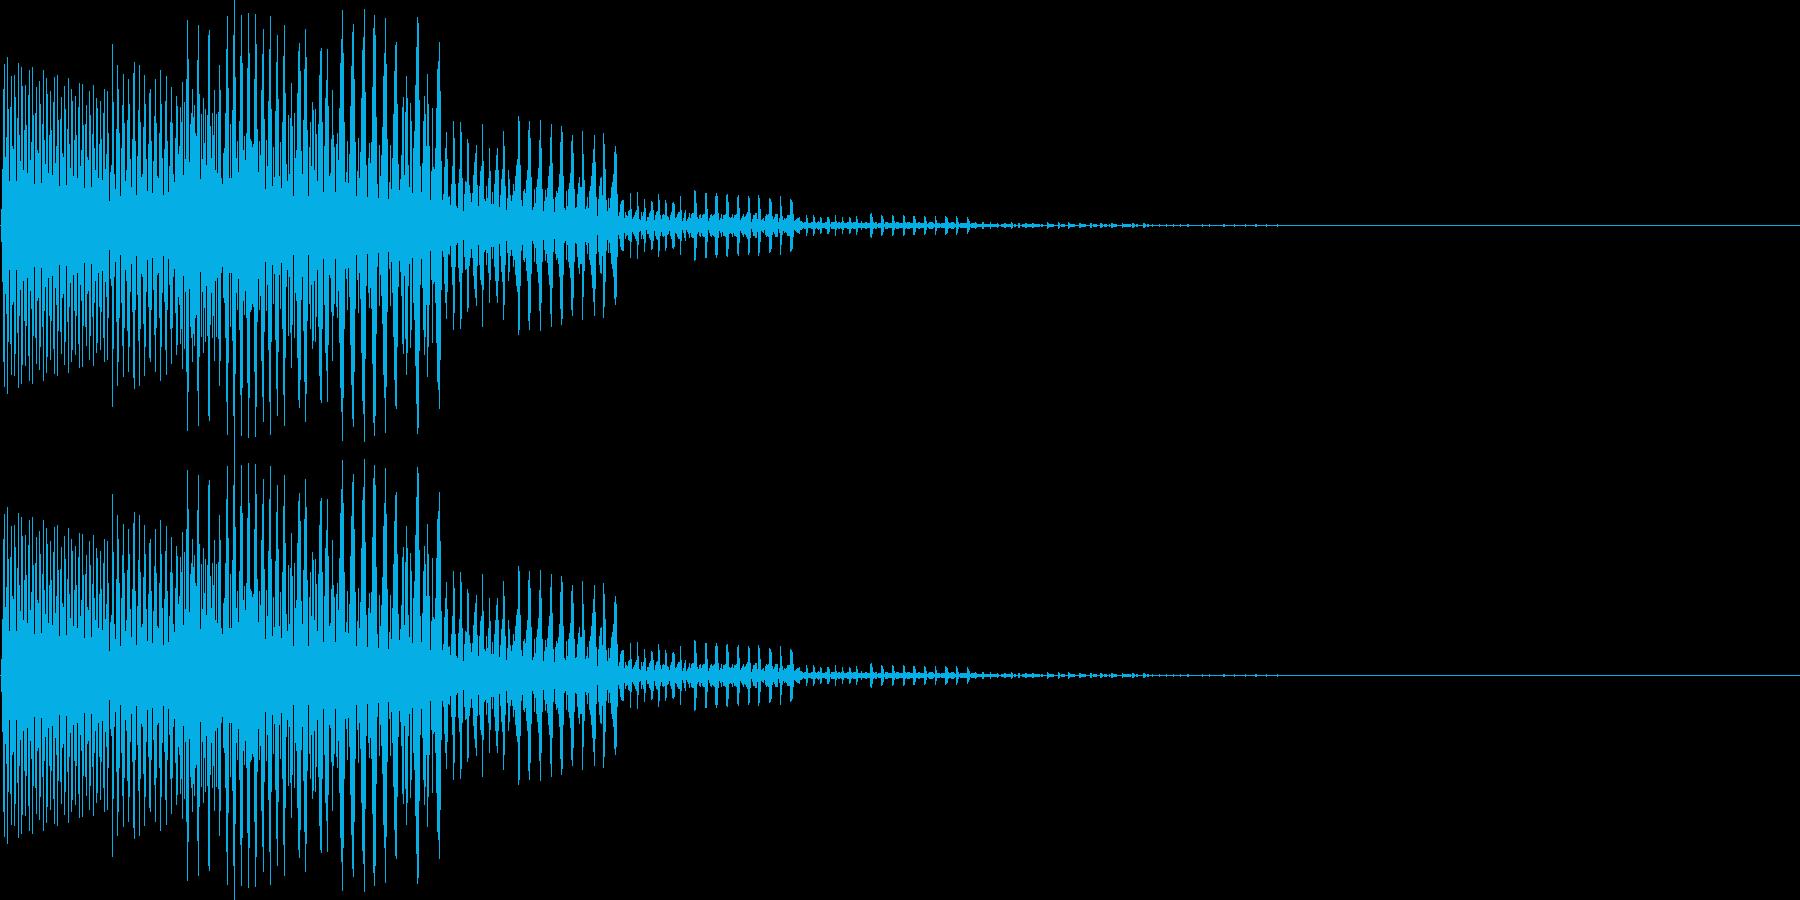 ピロロン低音(キャンセル、ミス、残念)の再生済みの波形